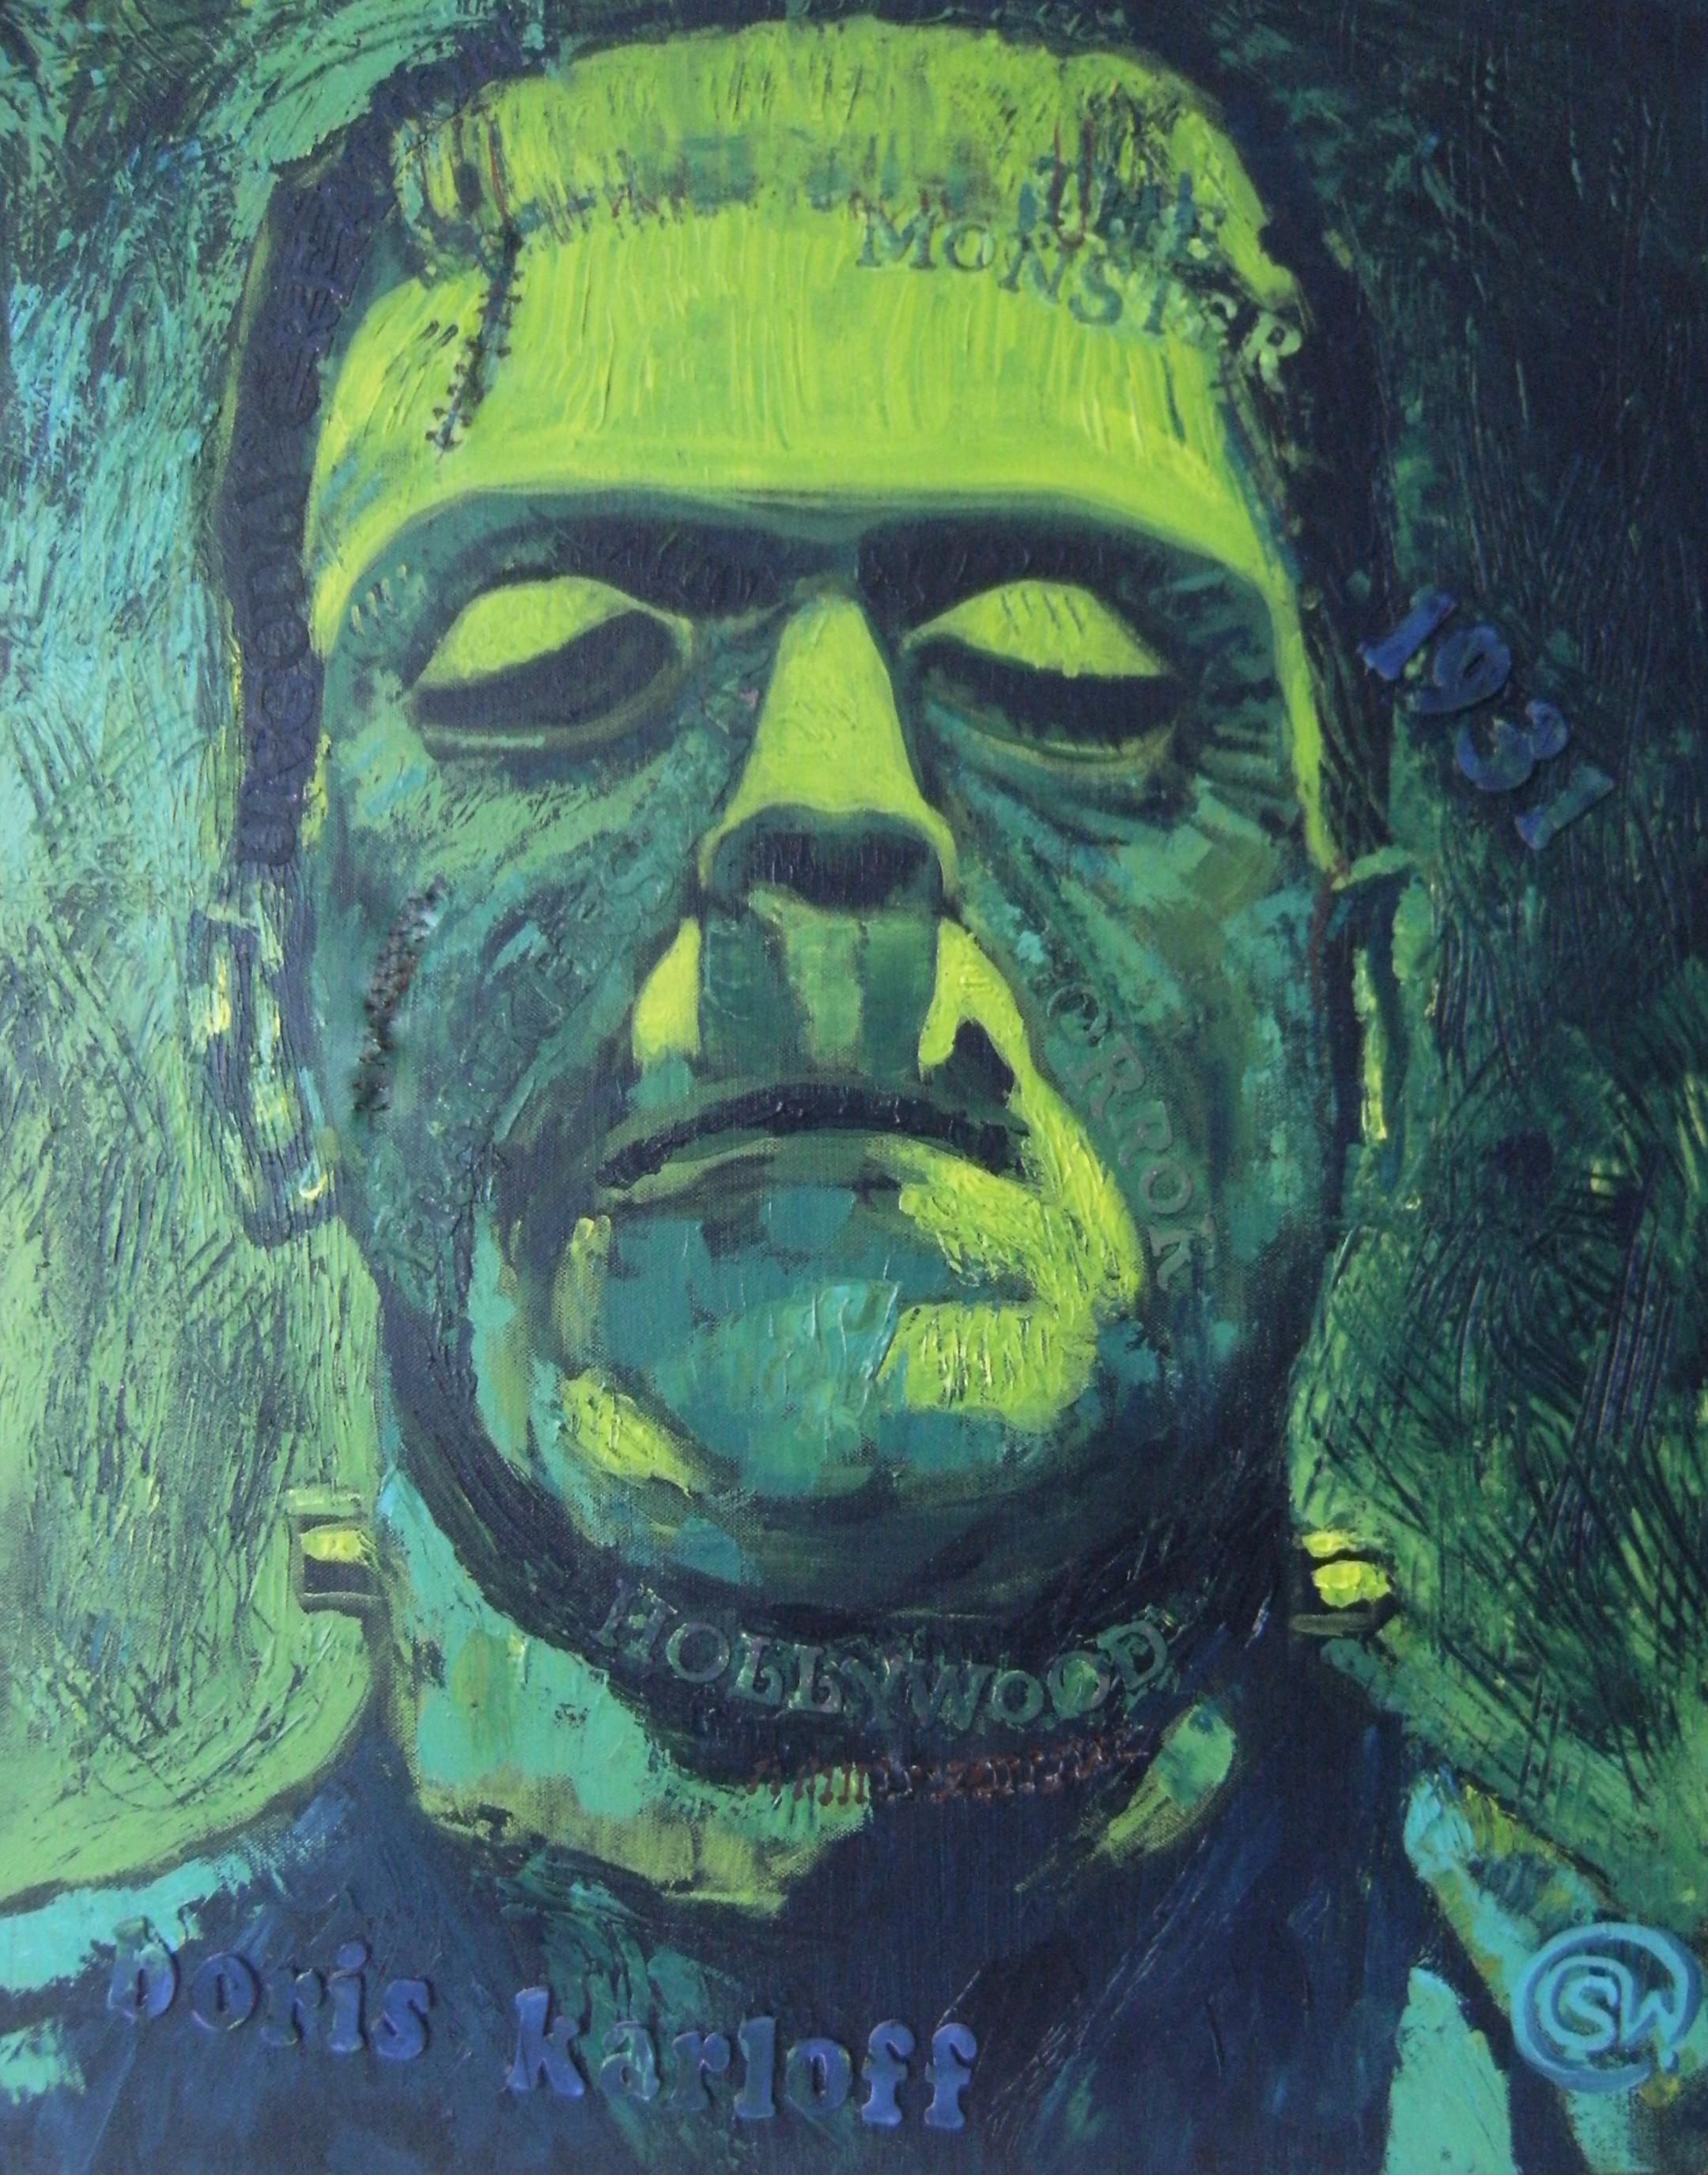 Dr.Frankenstein's Monster